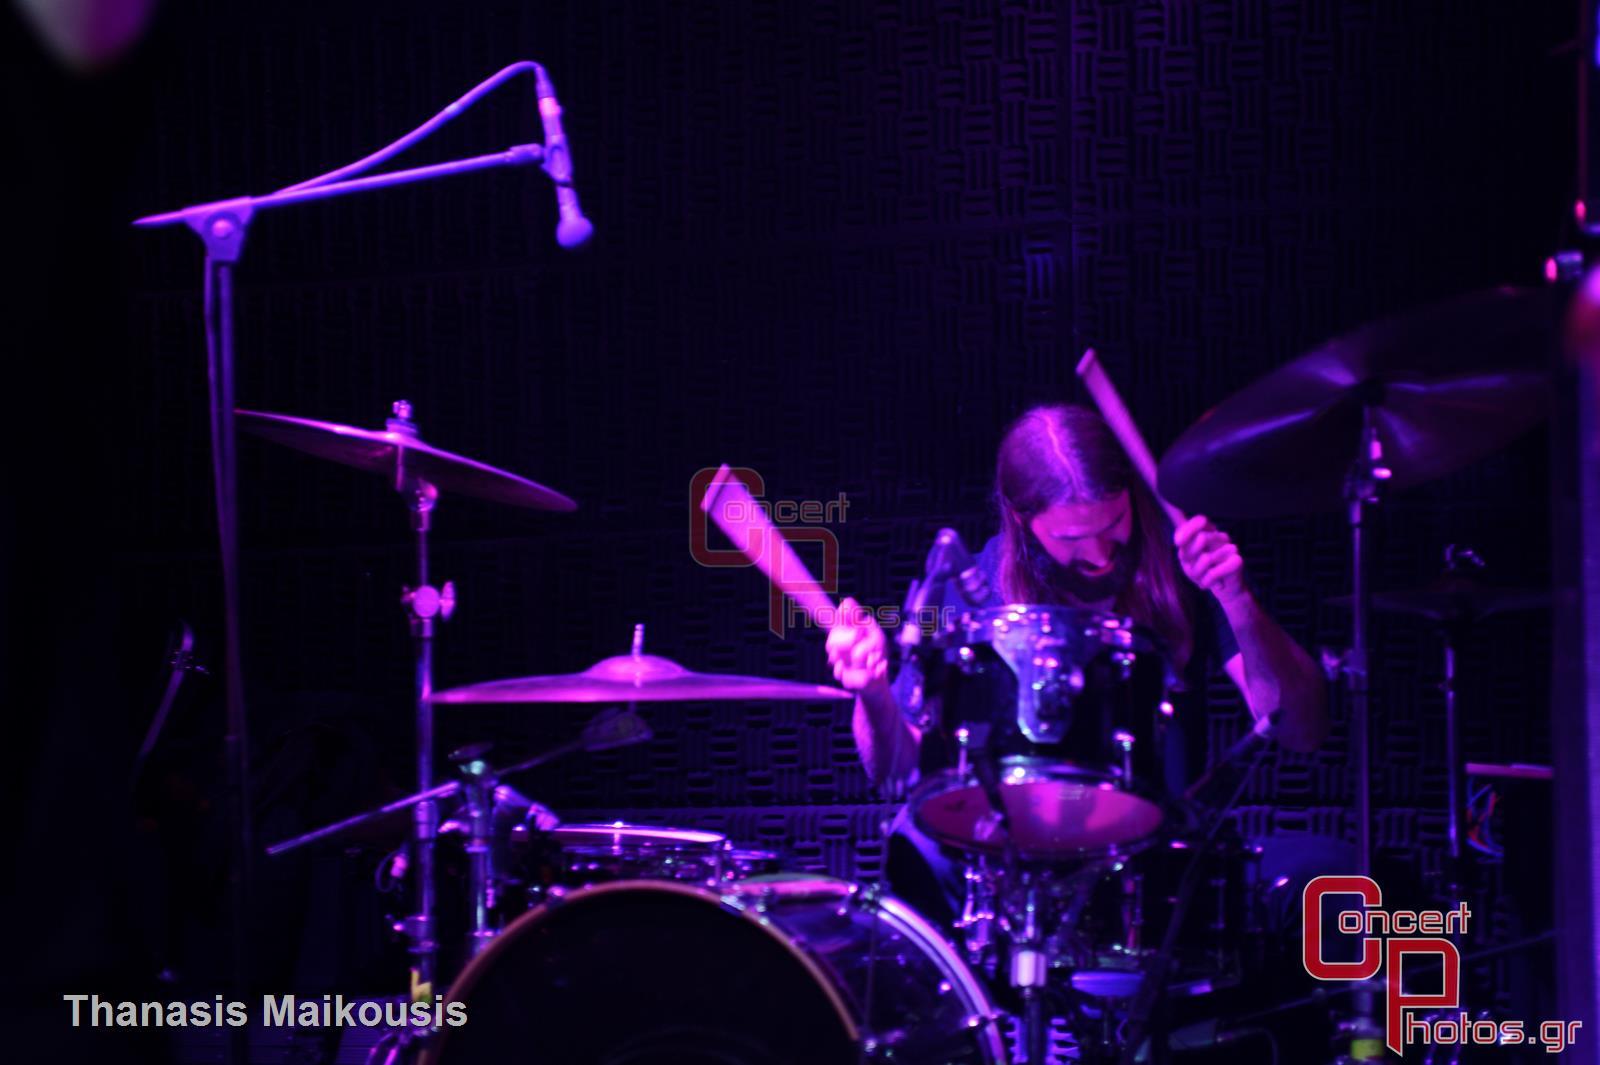 Anneke van Giersbergen-Anneke van Giersbergen photographer: Thanasis Maikousis - ConcertPhotos-0493